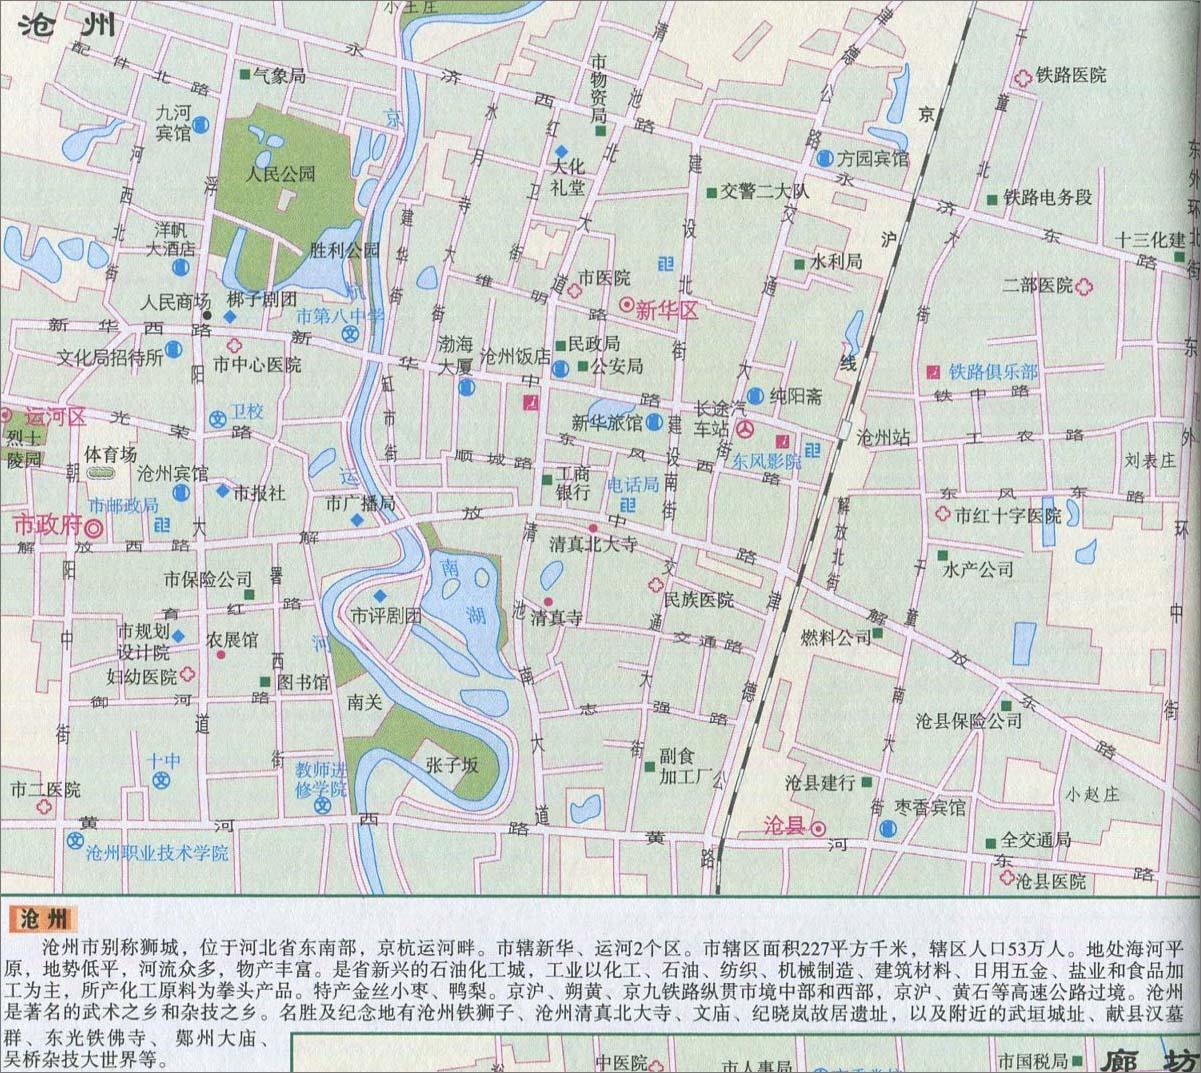 沧州城区旅游地图